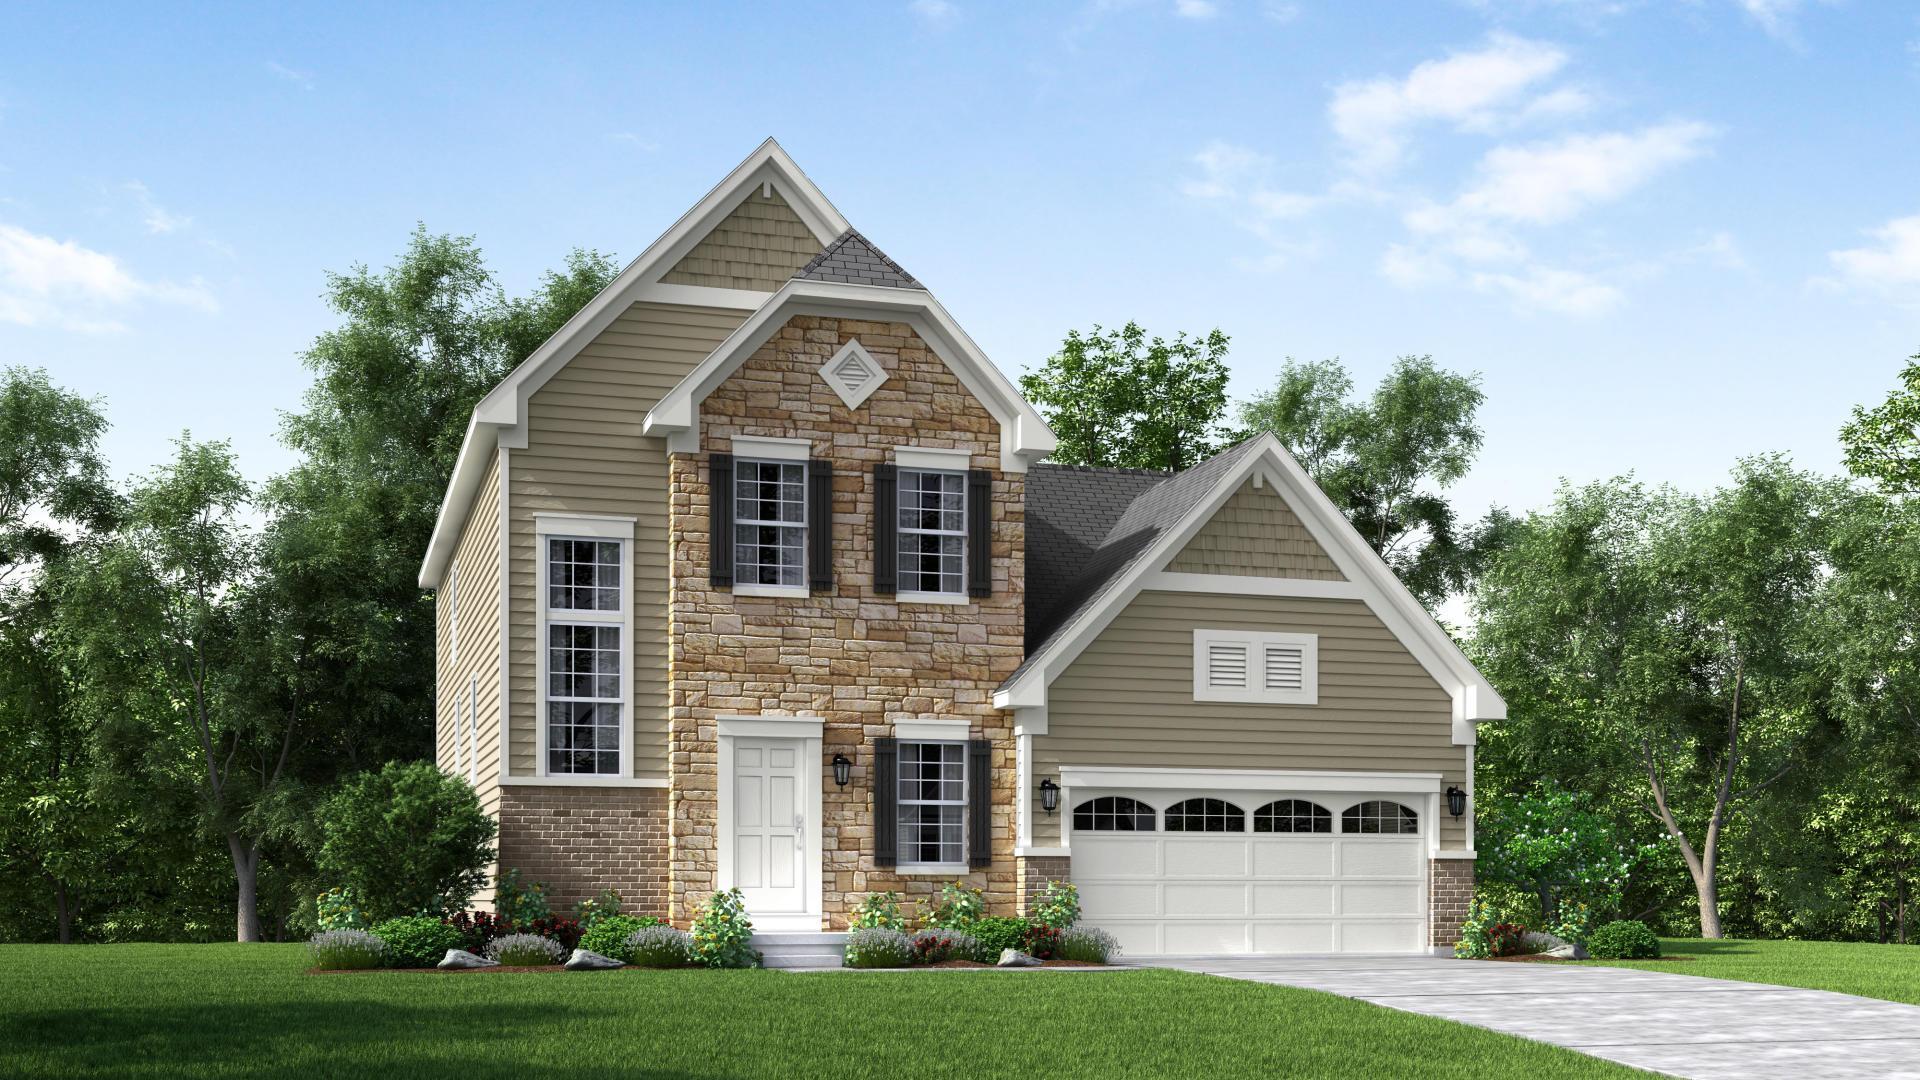 单亲家庭 为 销售 在 Trails Of Todhunter - Ellington 6083 Todhunter Rd Monroe, Ohio 45050 United States